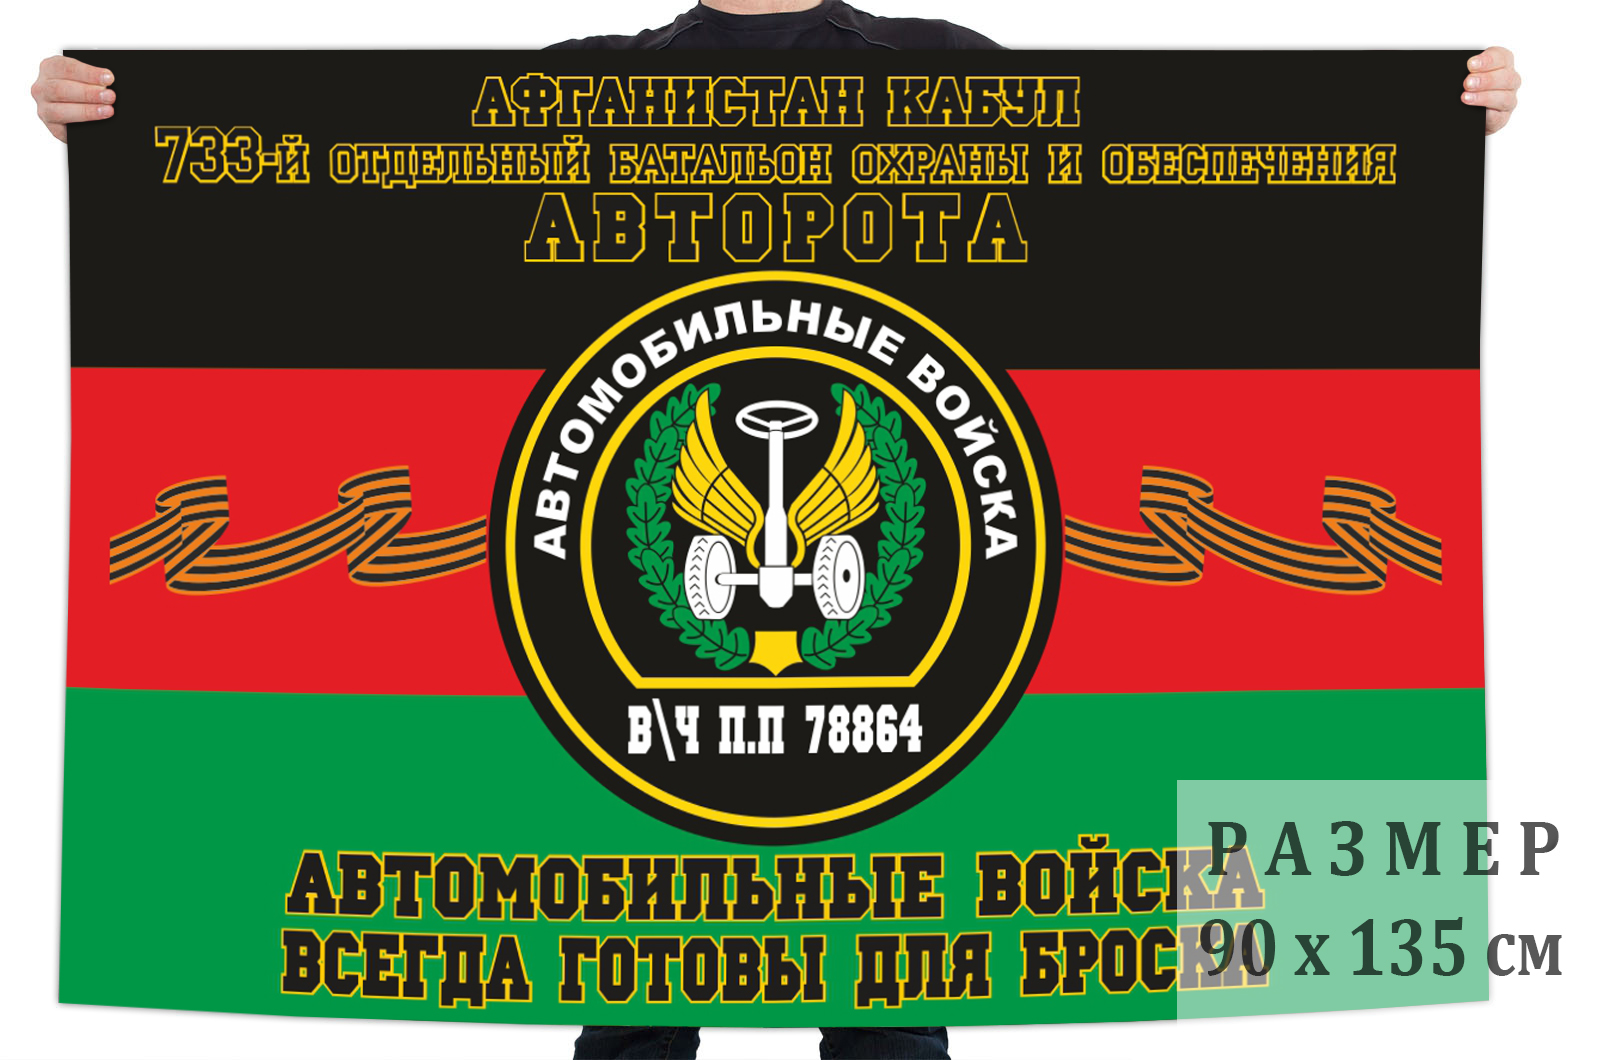 Флаг 733 отдельного батальона охраны и обеспечения